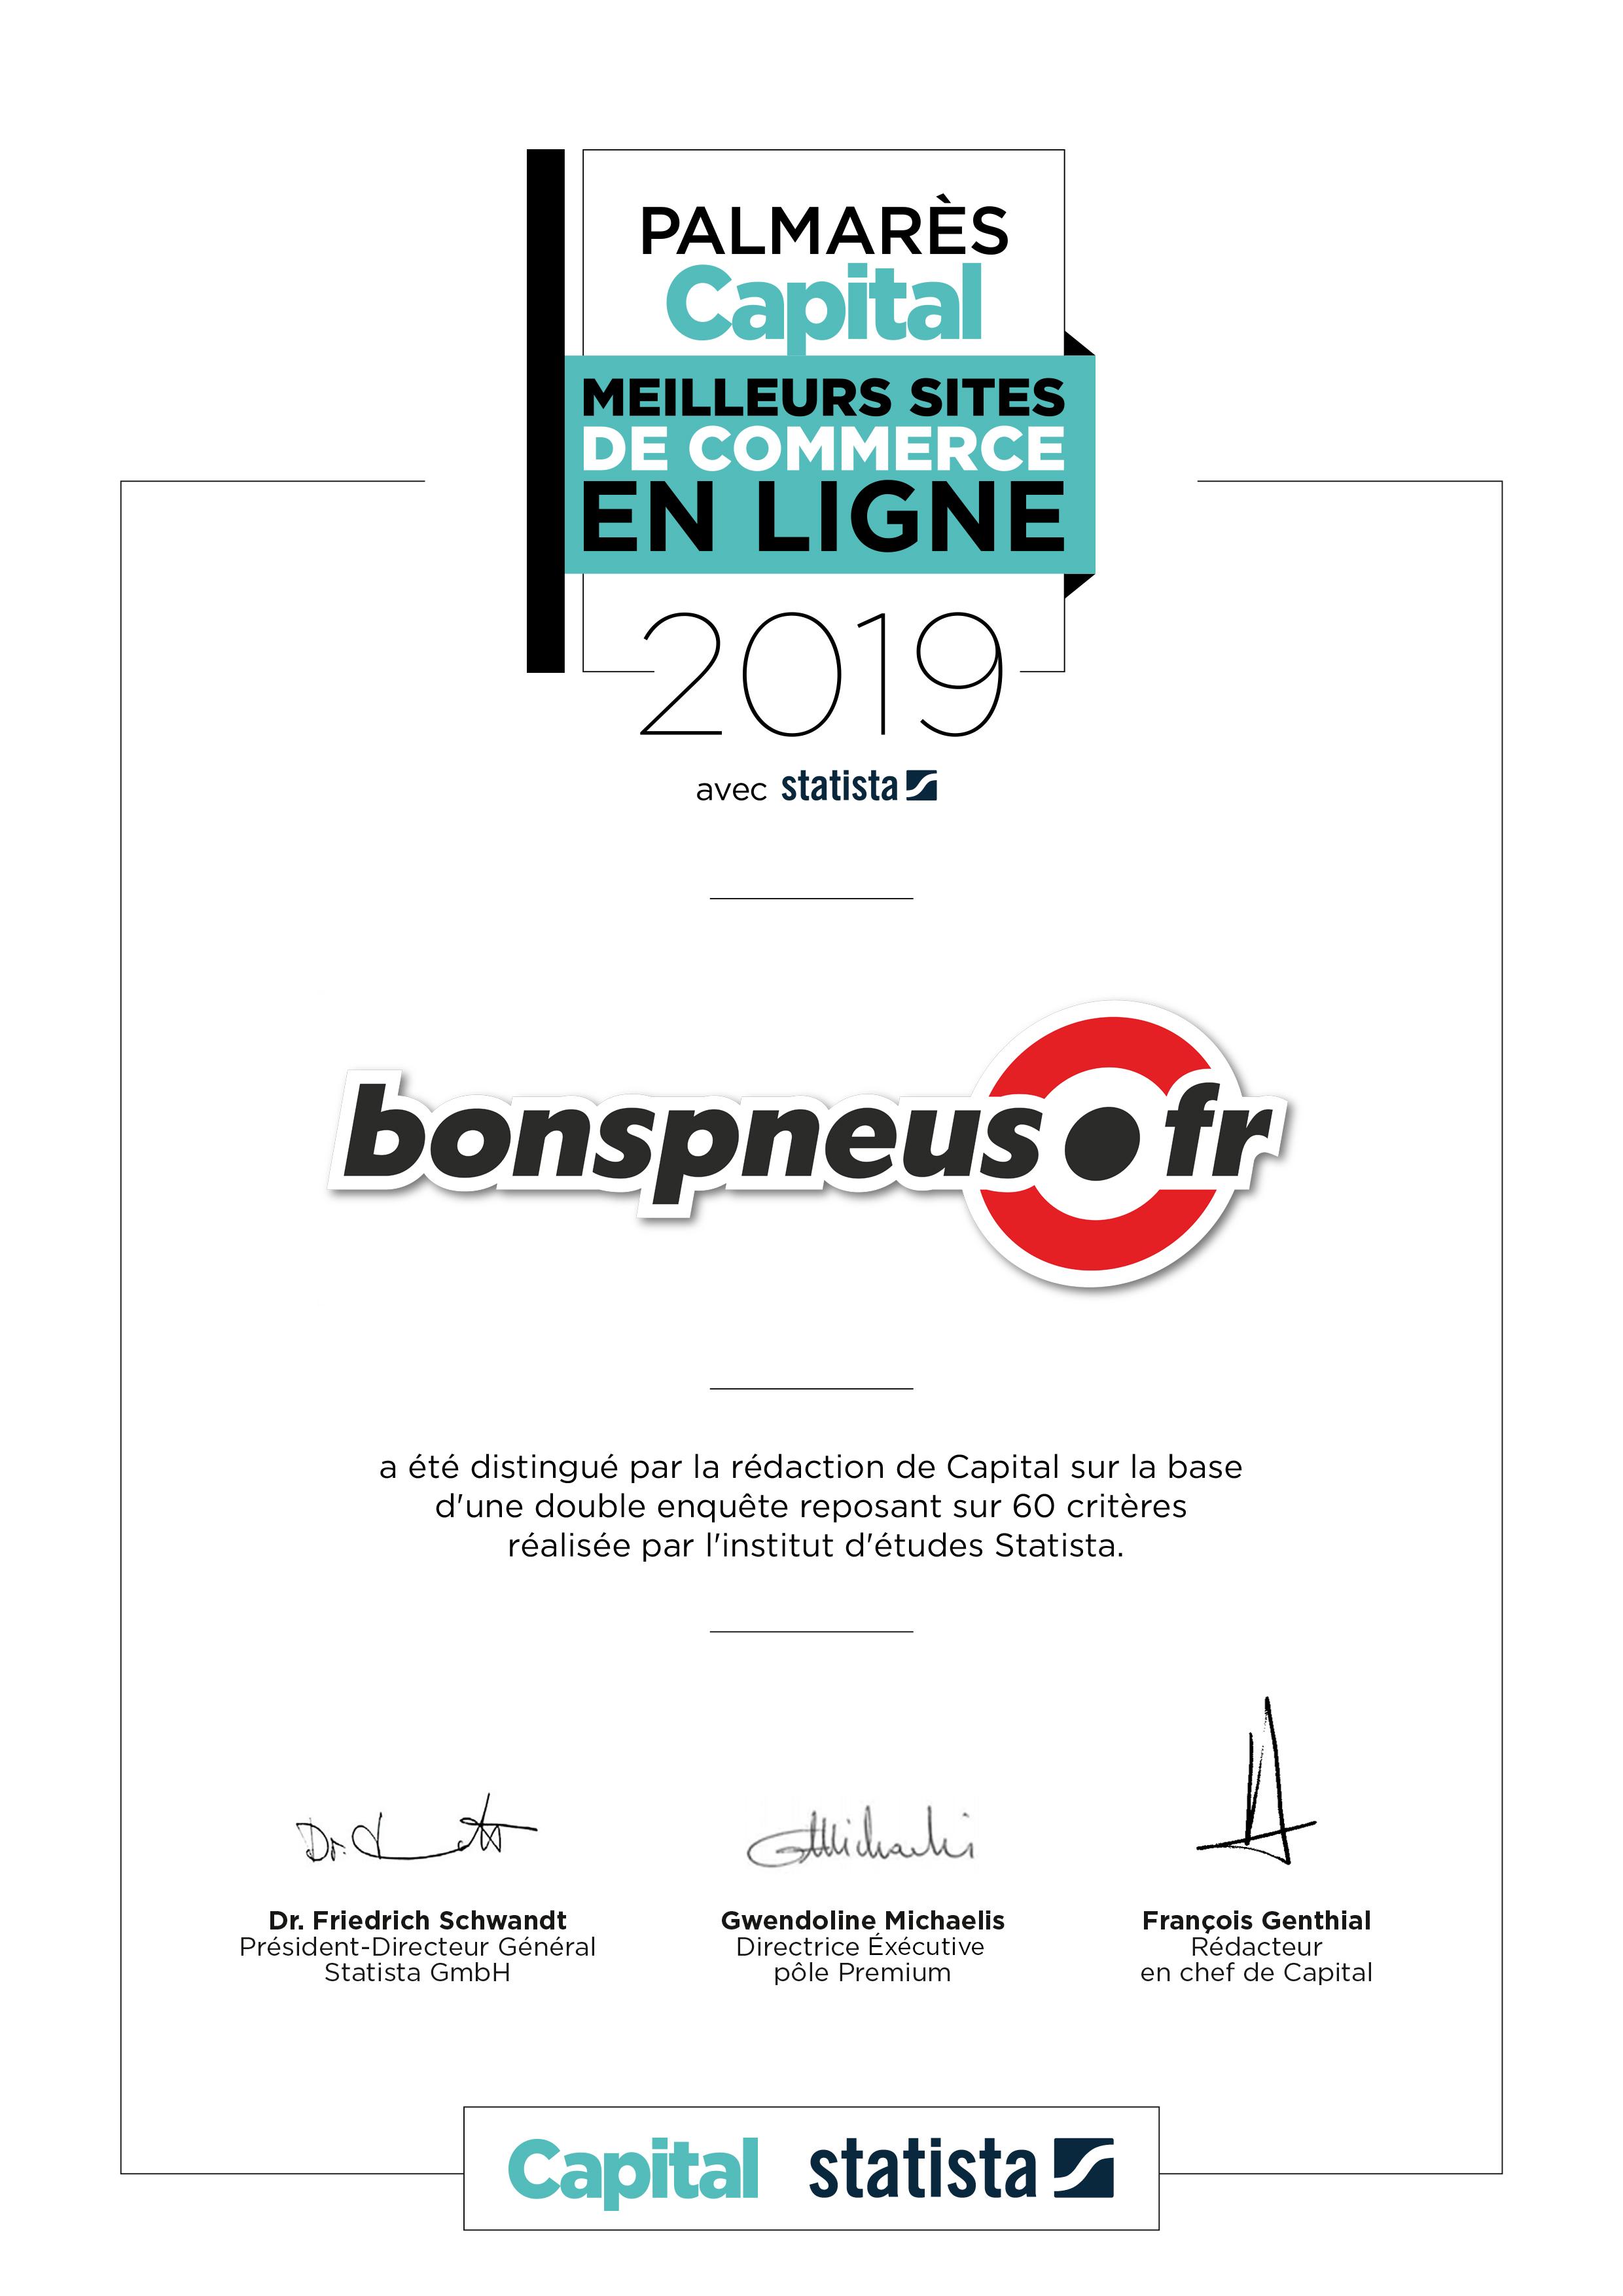 Distinction Palmarès Capital 2019